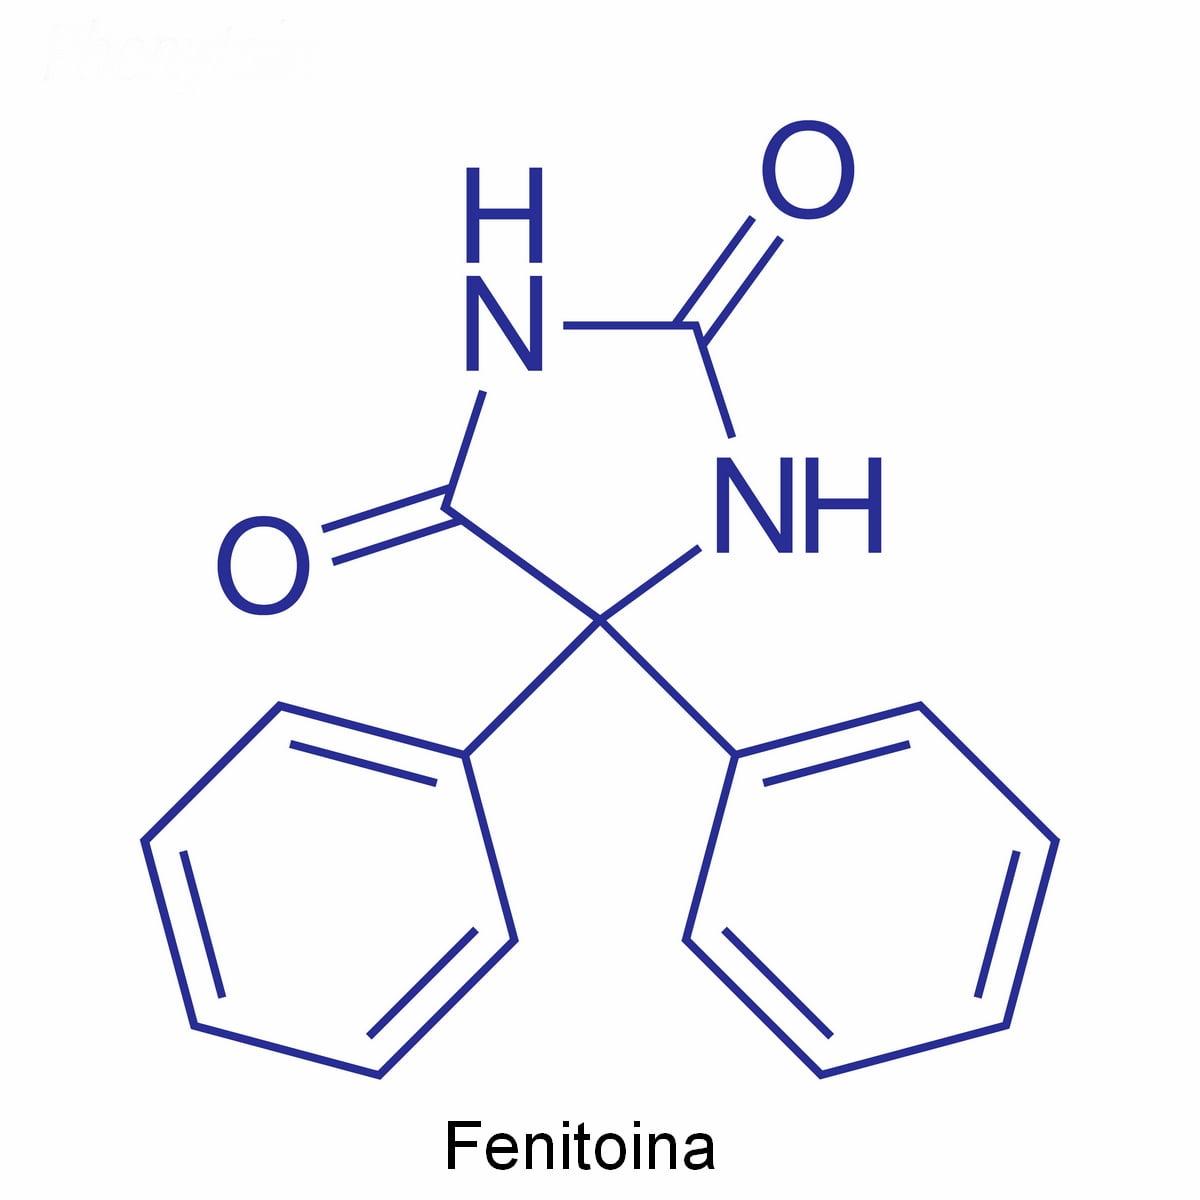 Fenitoina